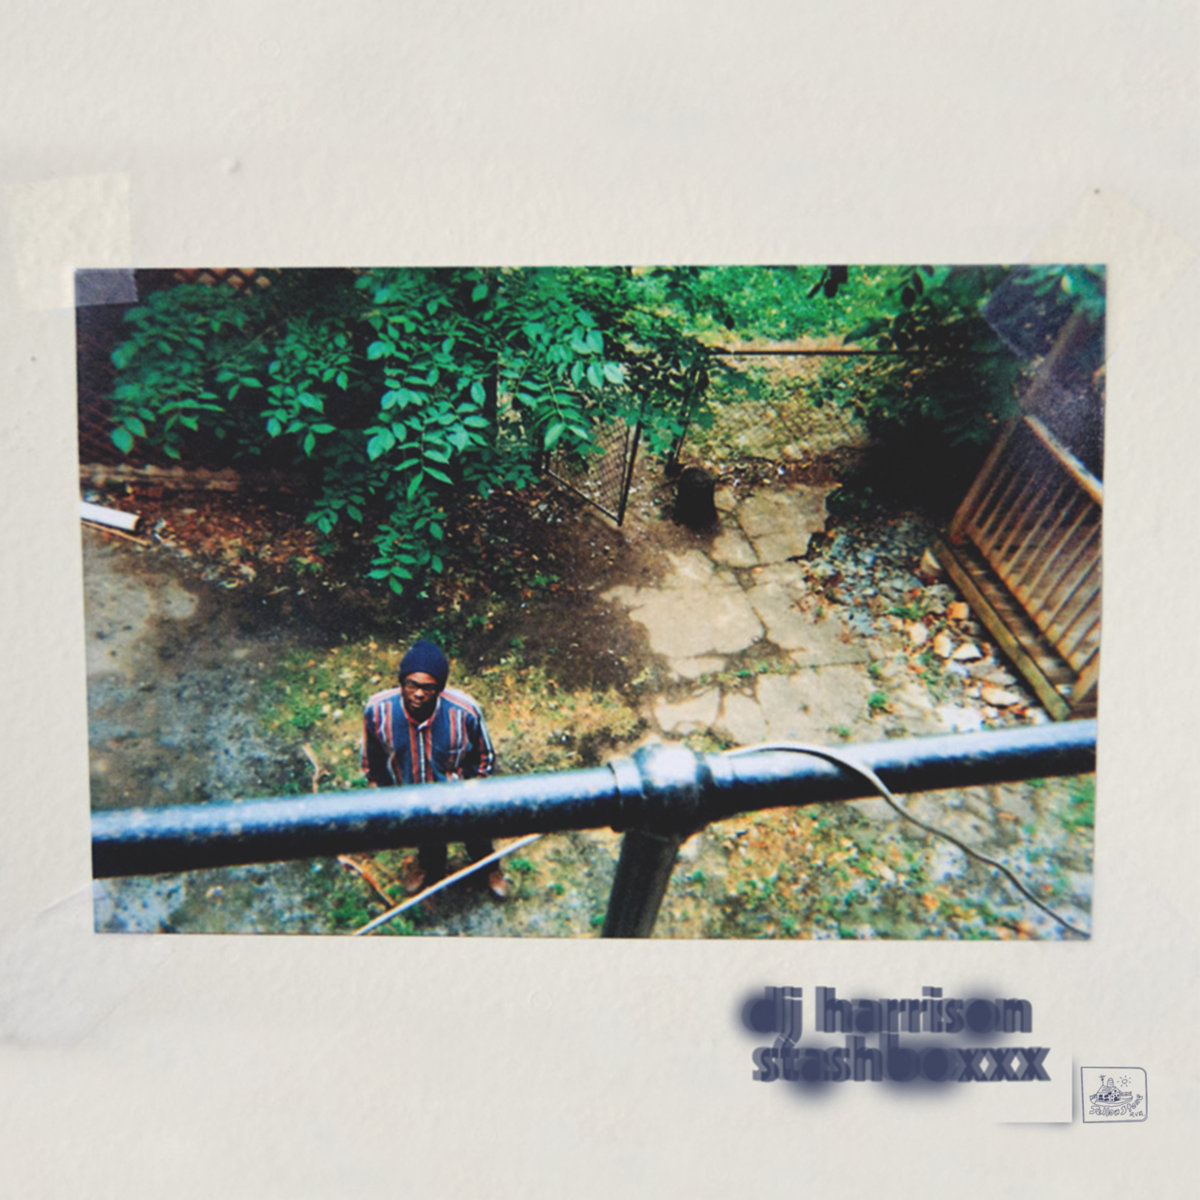 Listen: Stream DJ Harrison's Jazzy, Funky New Album 'Stashboxxx'